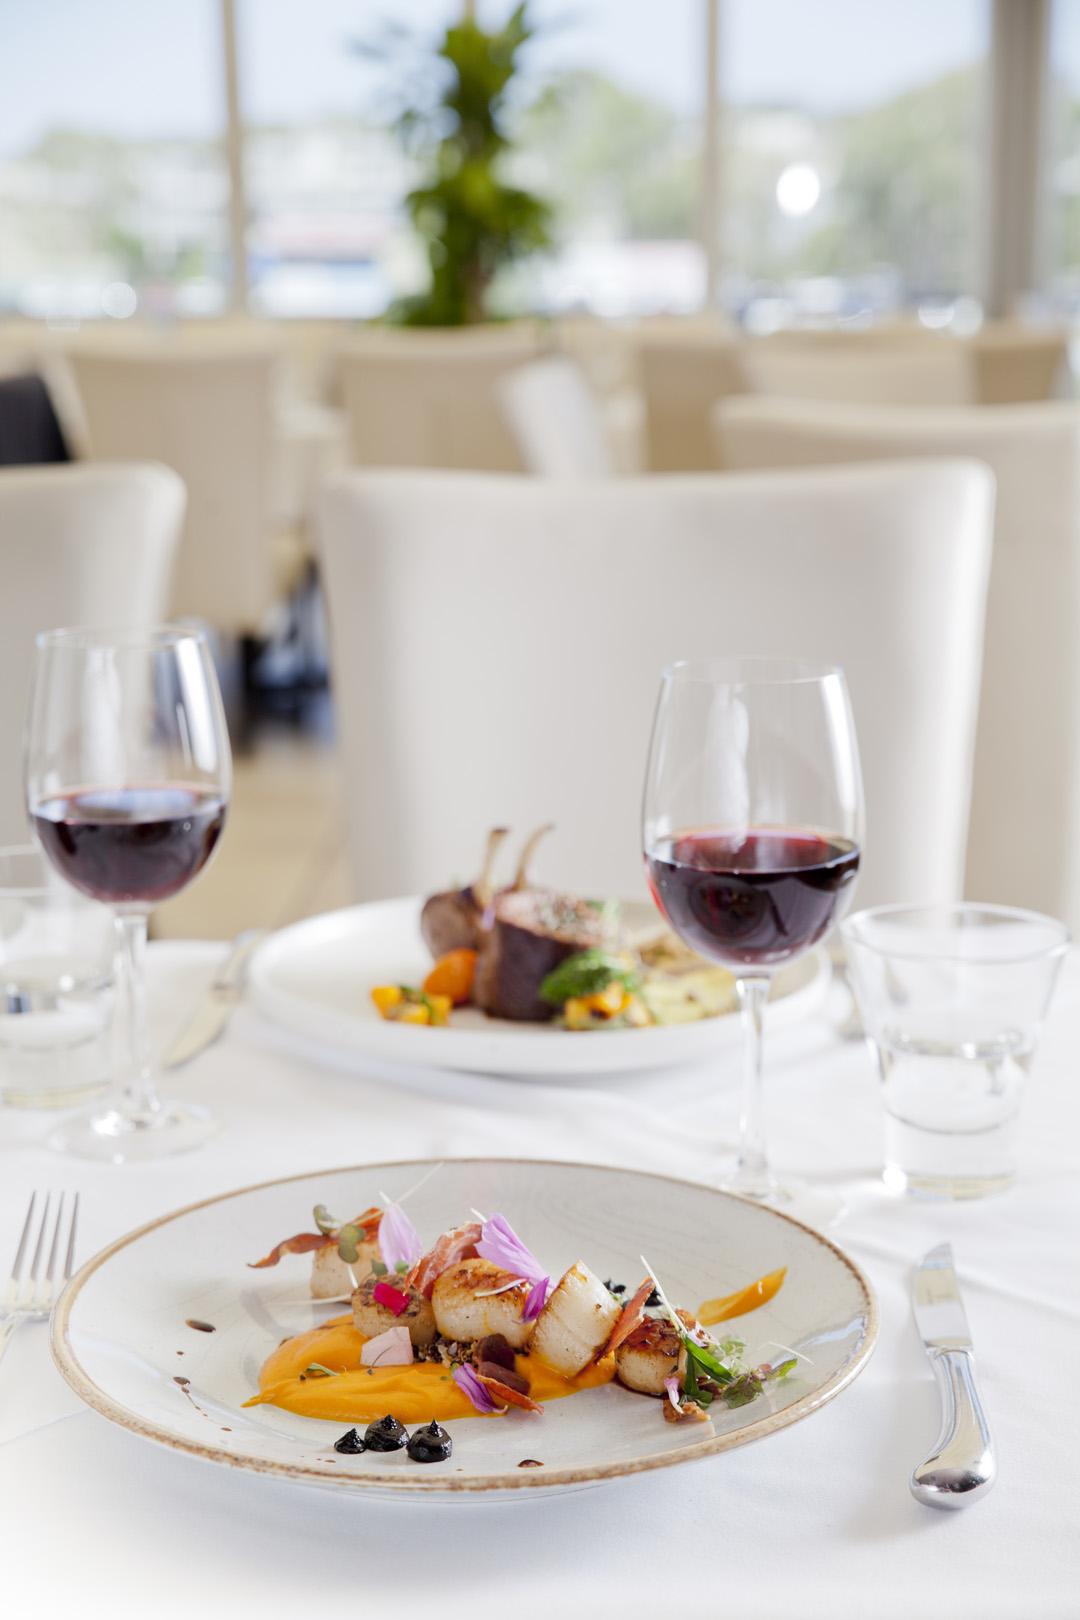 © Fran Flynn for Carmody's Restaurant